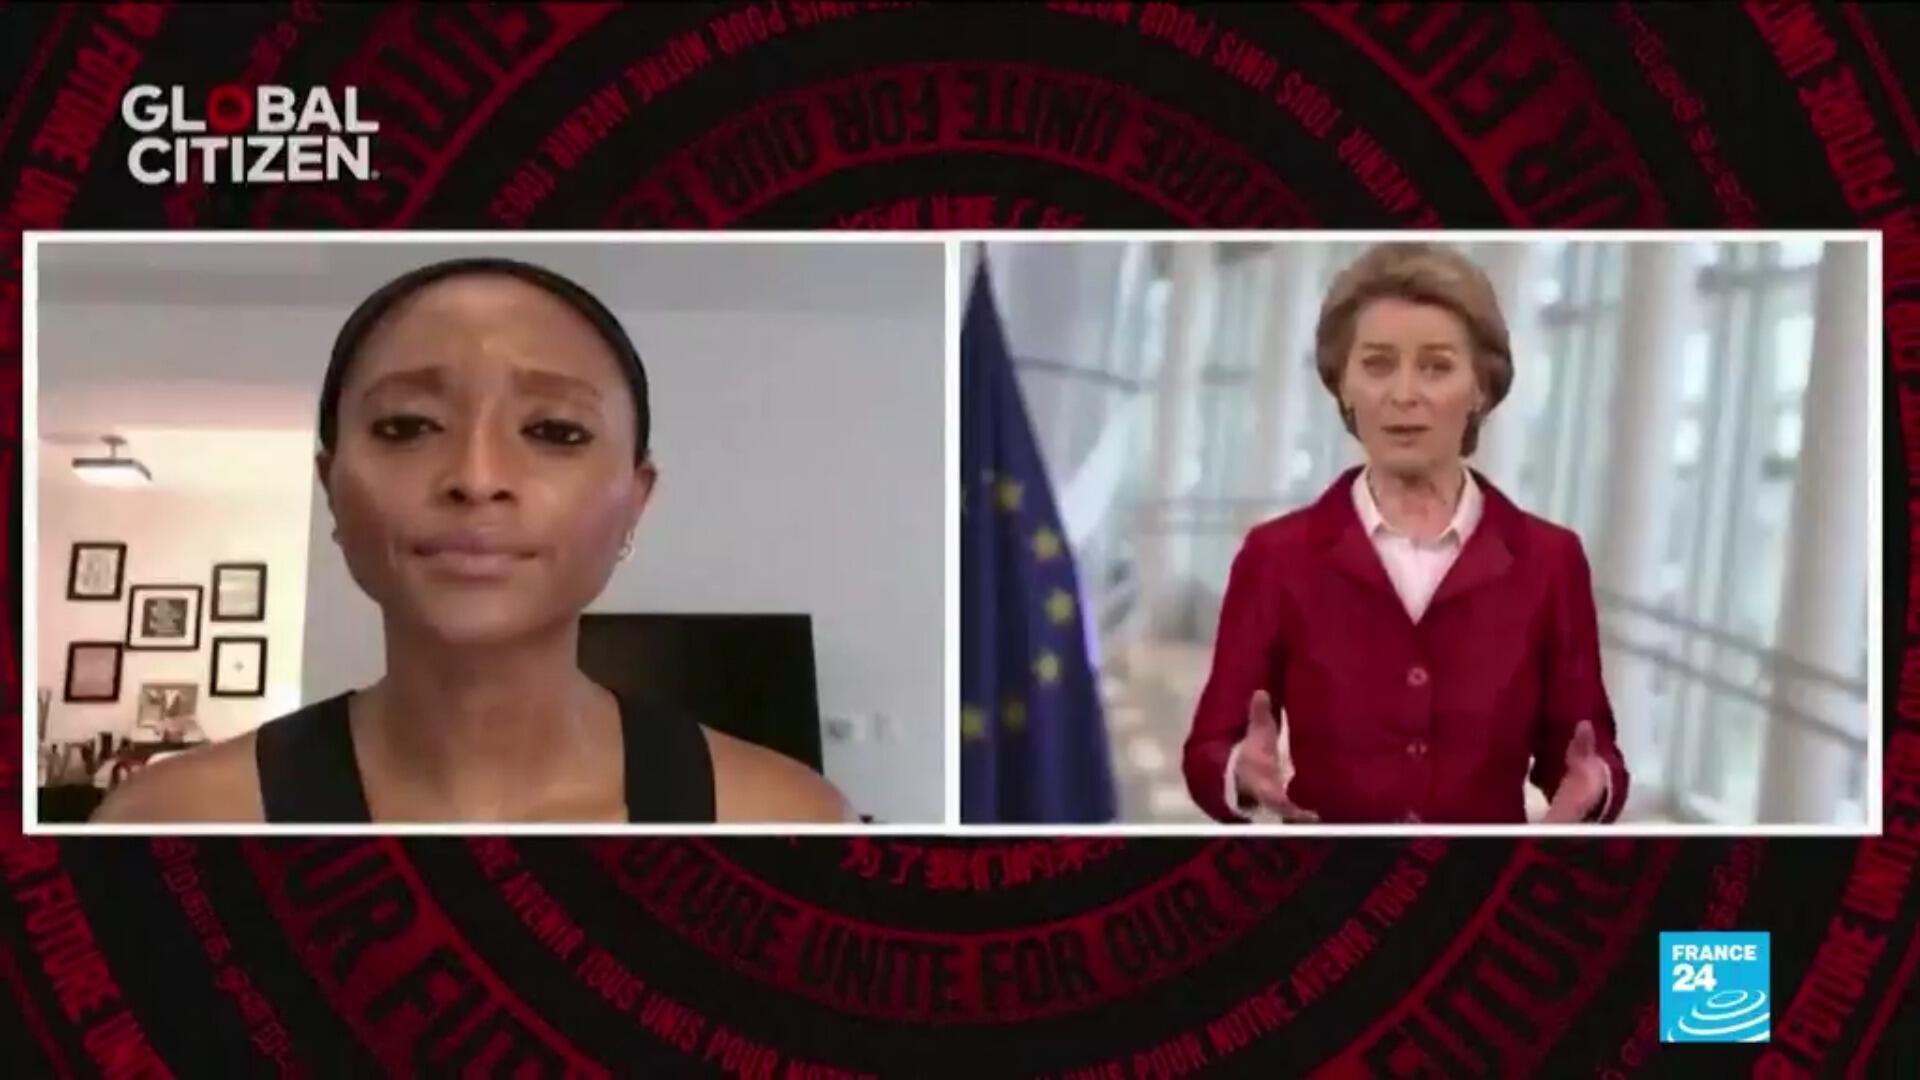 """Coldplay, Miley Cyrus, Jennifer Hudson et Dwayne """"The Rock"""" Johnson sont venus samedi en aide à la présidente de la Commission européenne Ursula von der Leyen dans la collecte de fonds pour mettre au point un vaccin contre le Covid-19."""